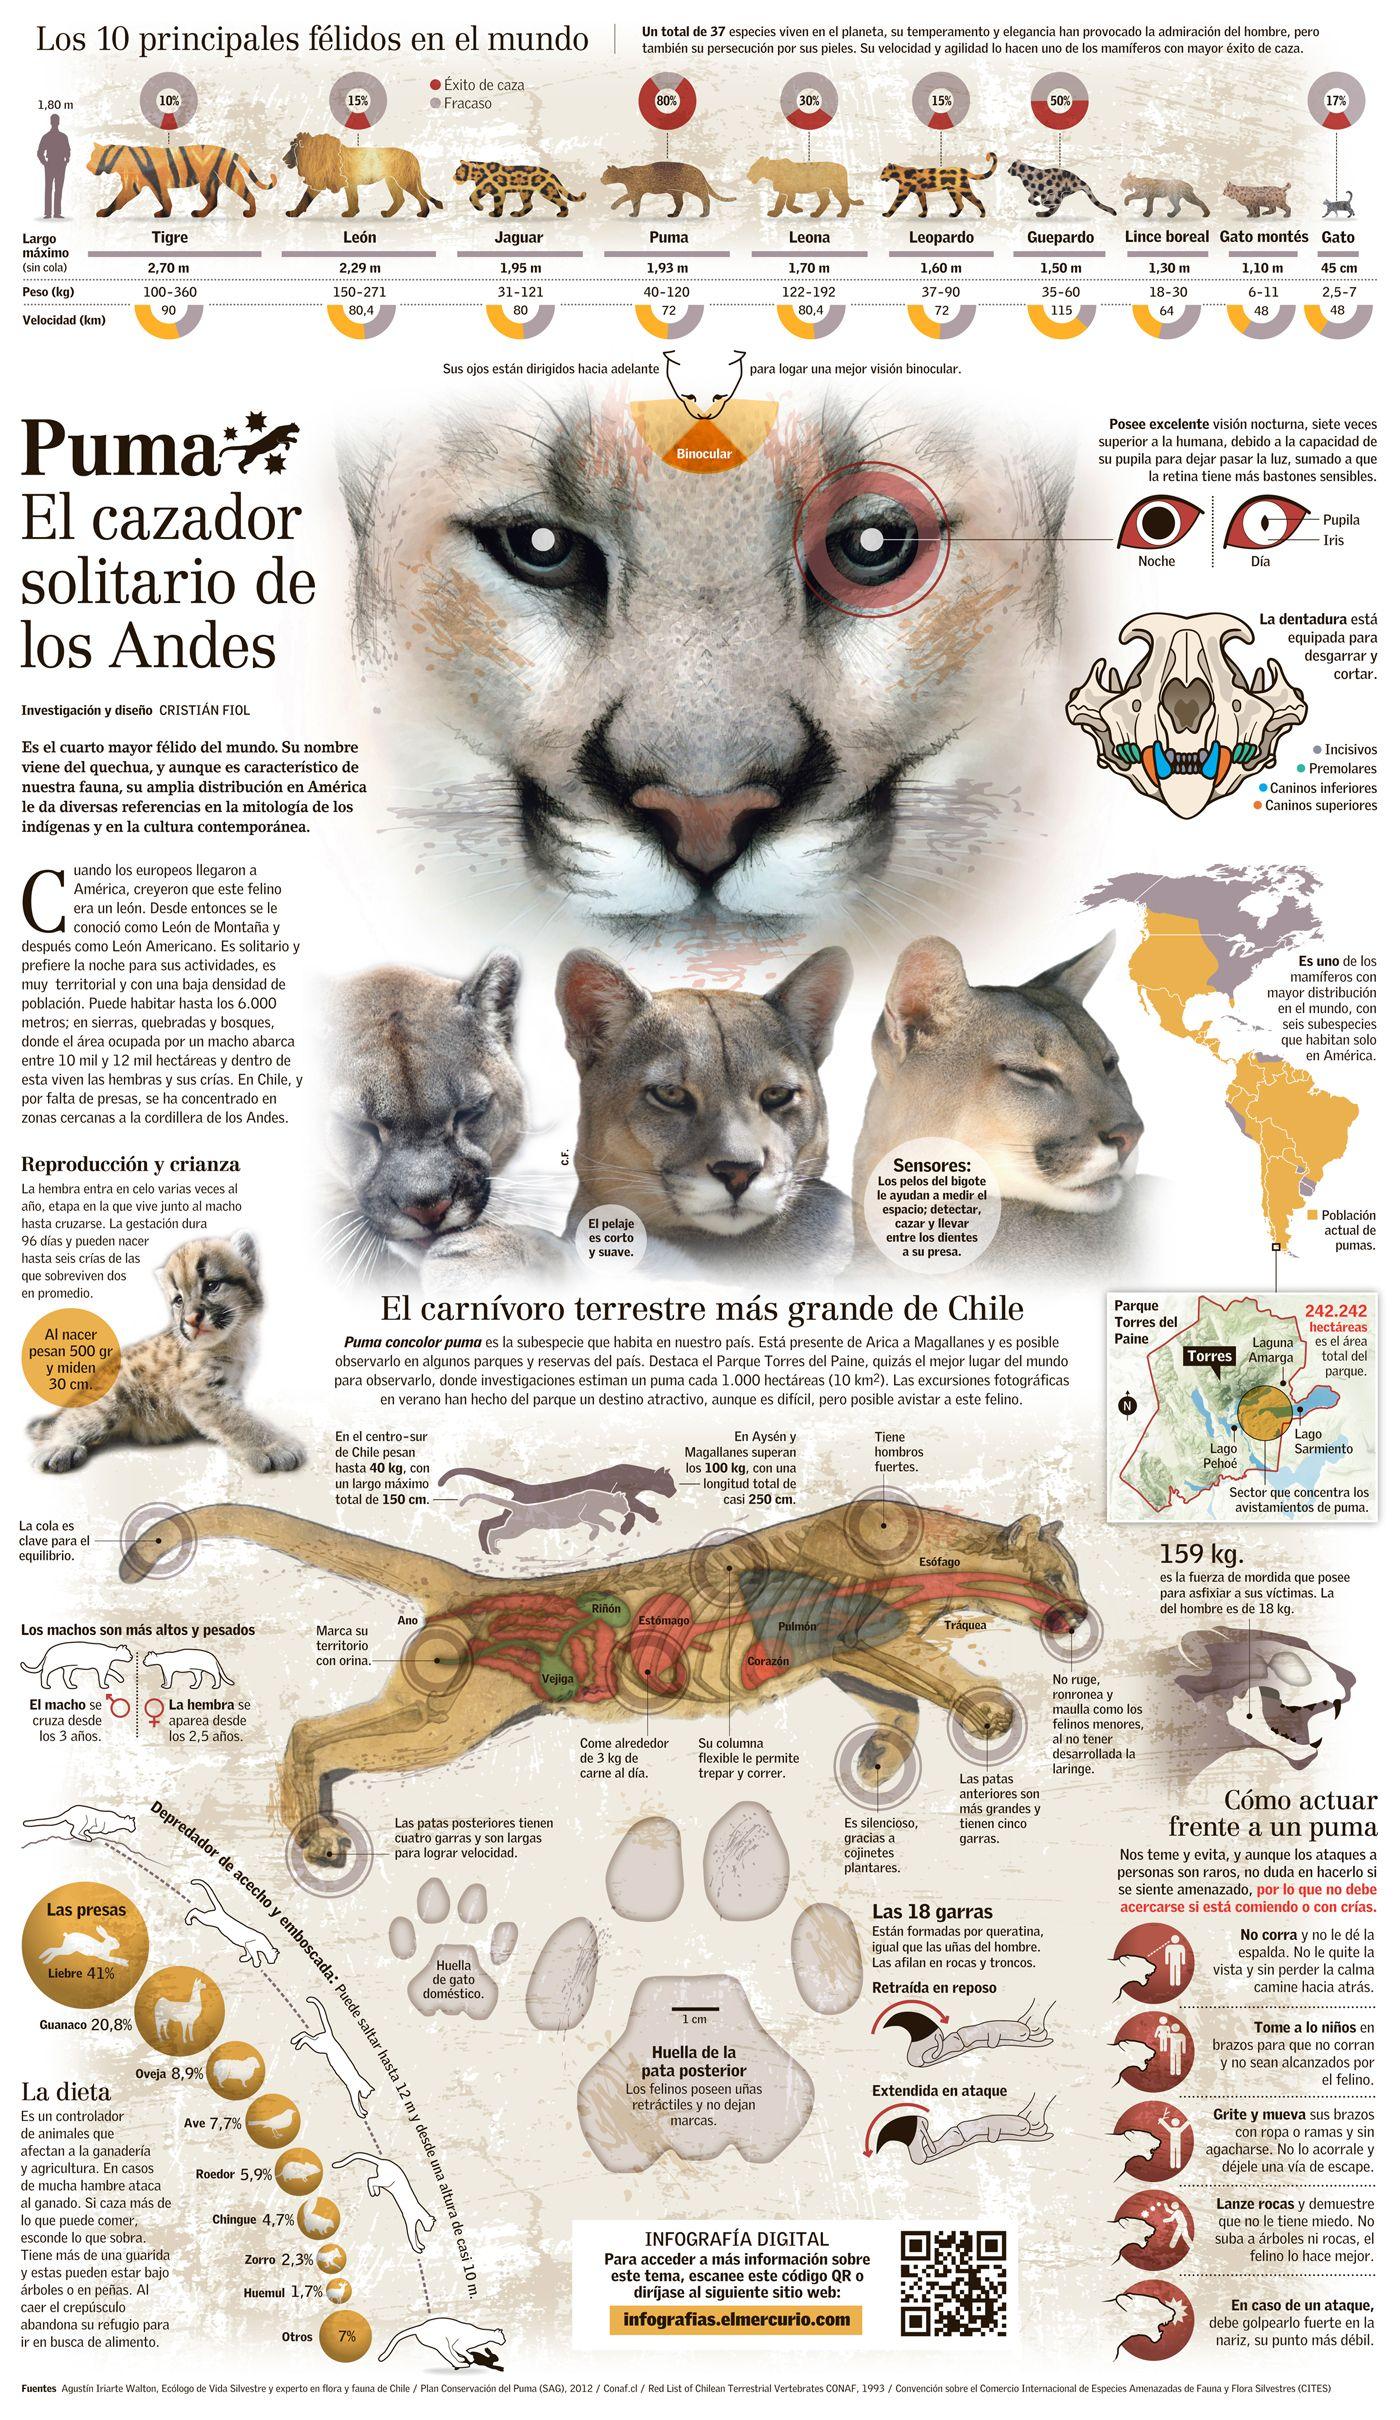 Ausencia estimular Oclusión  Puma chileno | Infografia de animales, Informacion de animales, Pumas animal